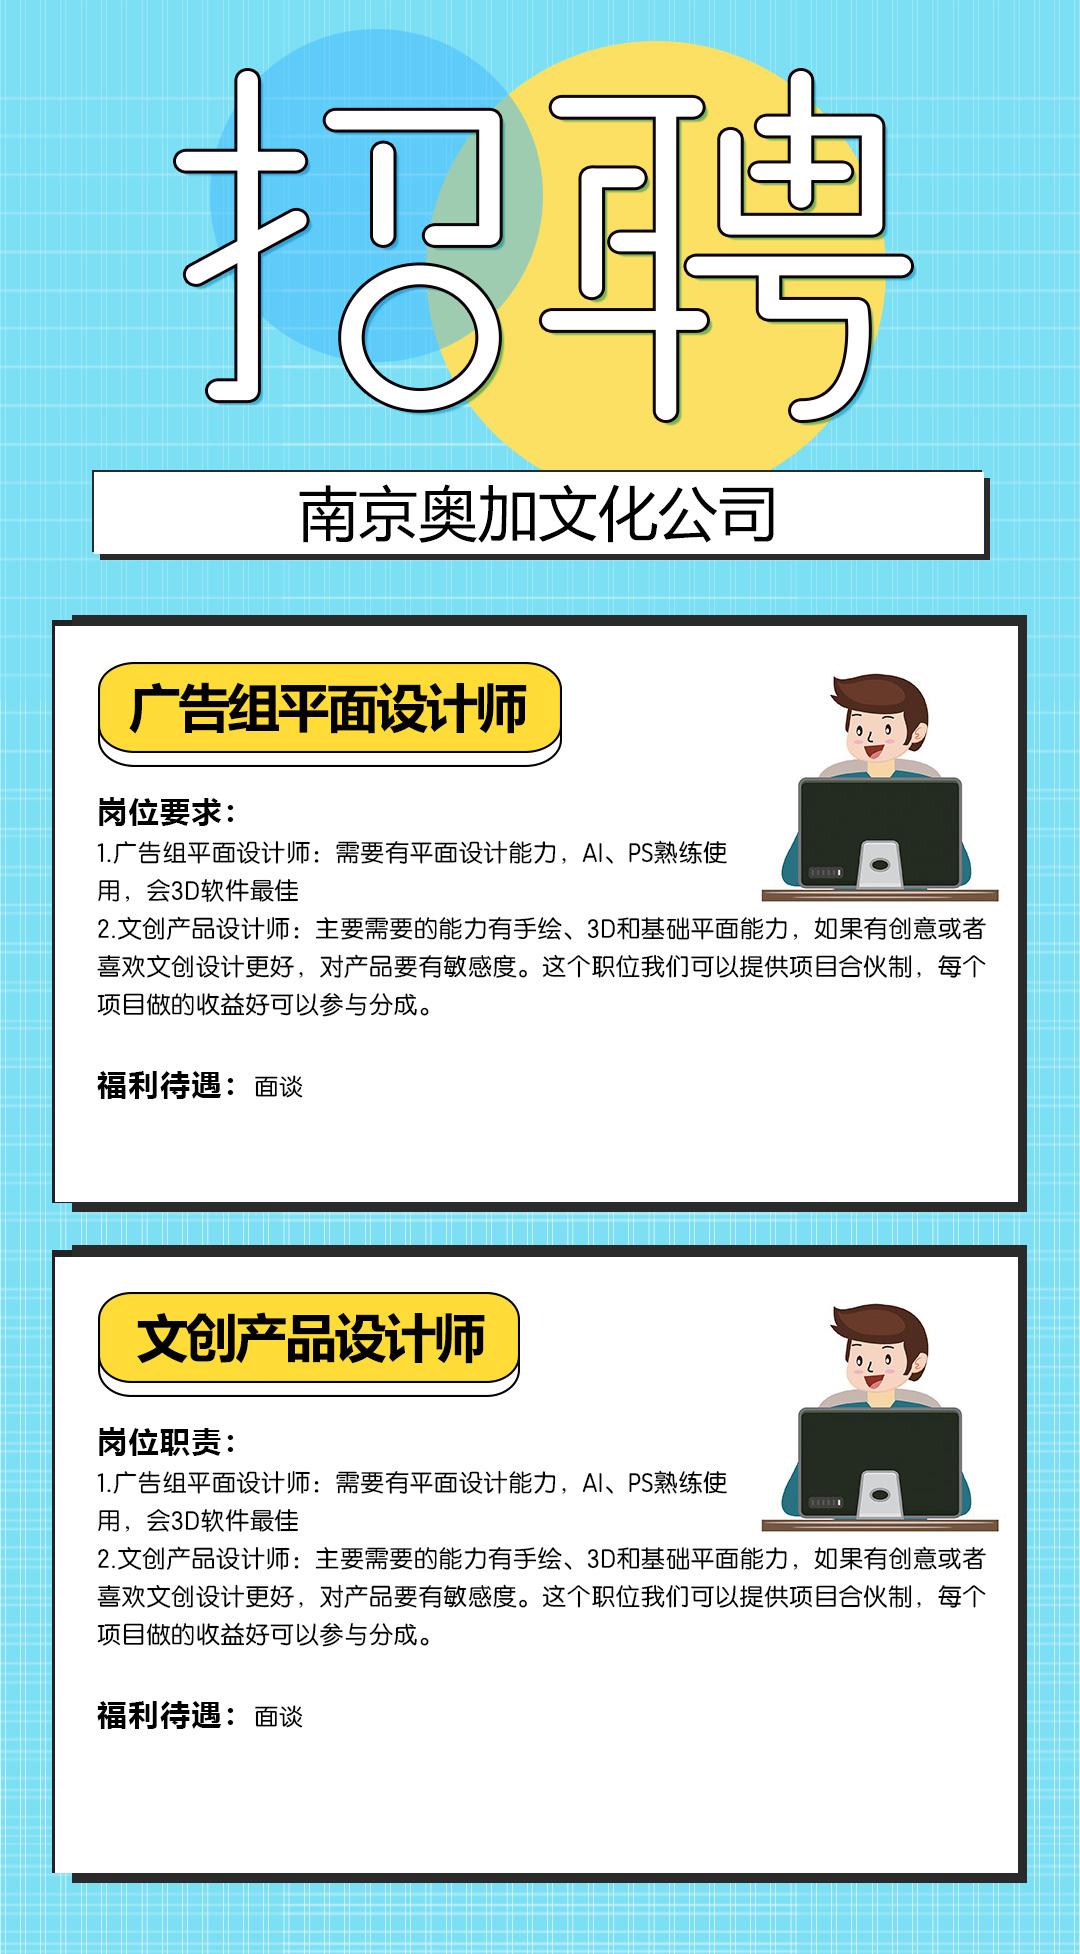 南京奥加文化公司